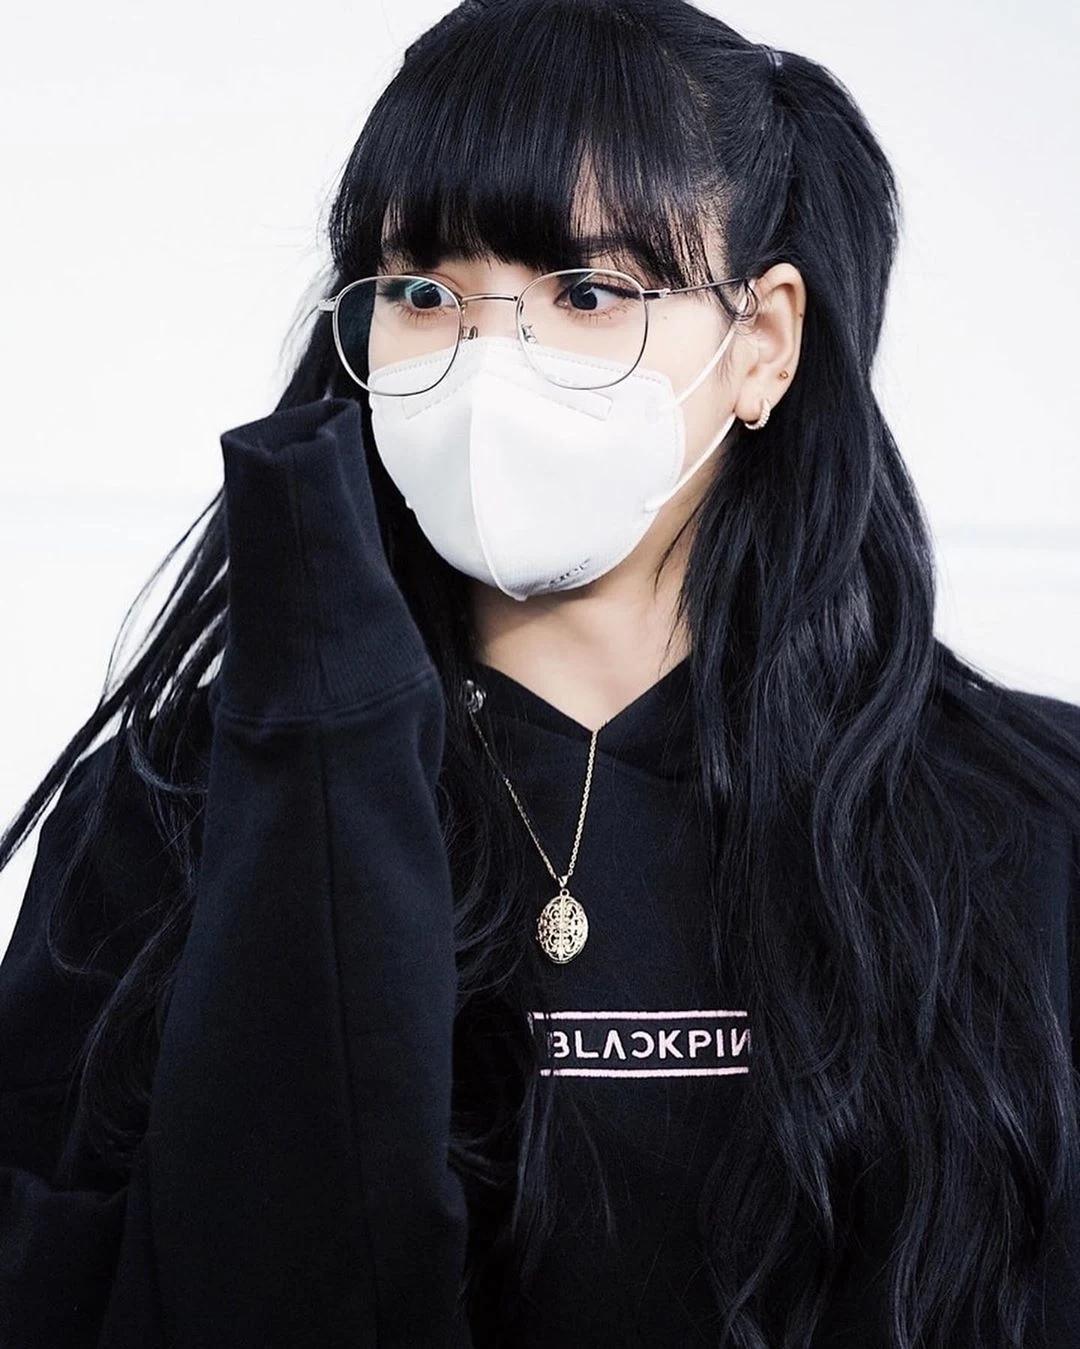 魅力无法挡!BLACKPINK成员Lisa戴上口罩依旧美丽!插图(12)